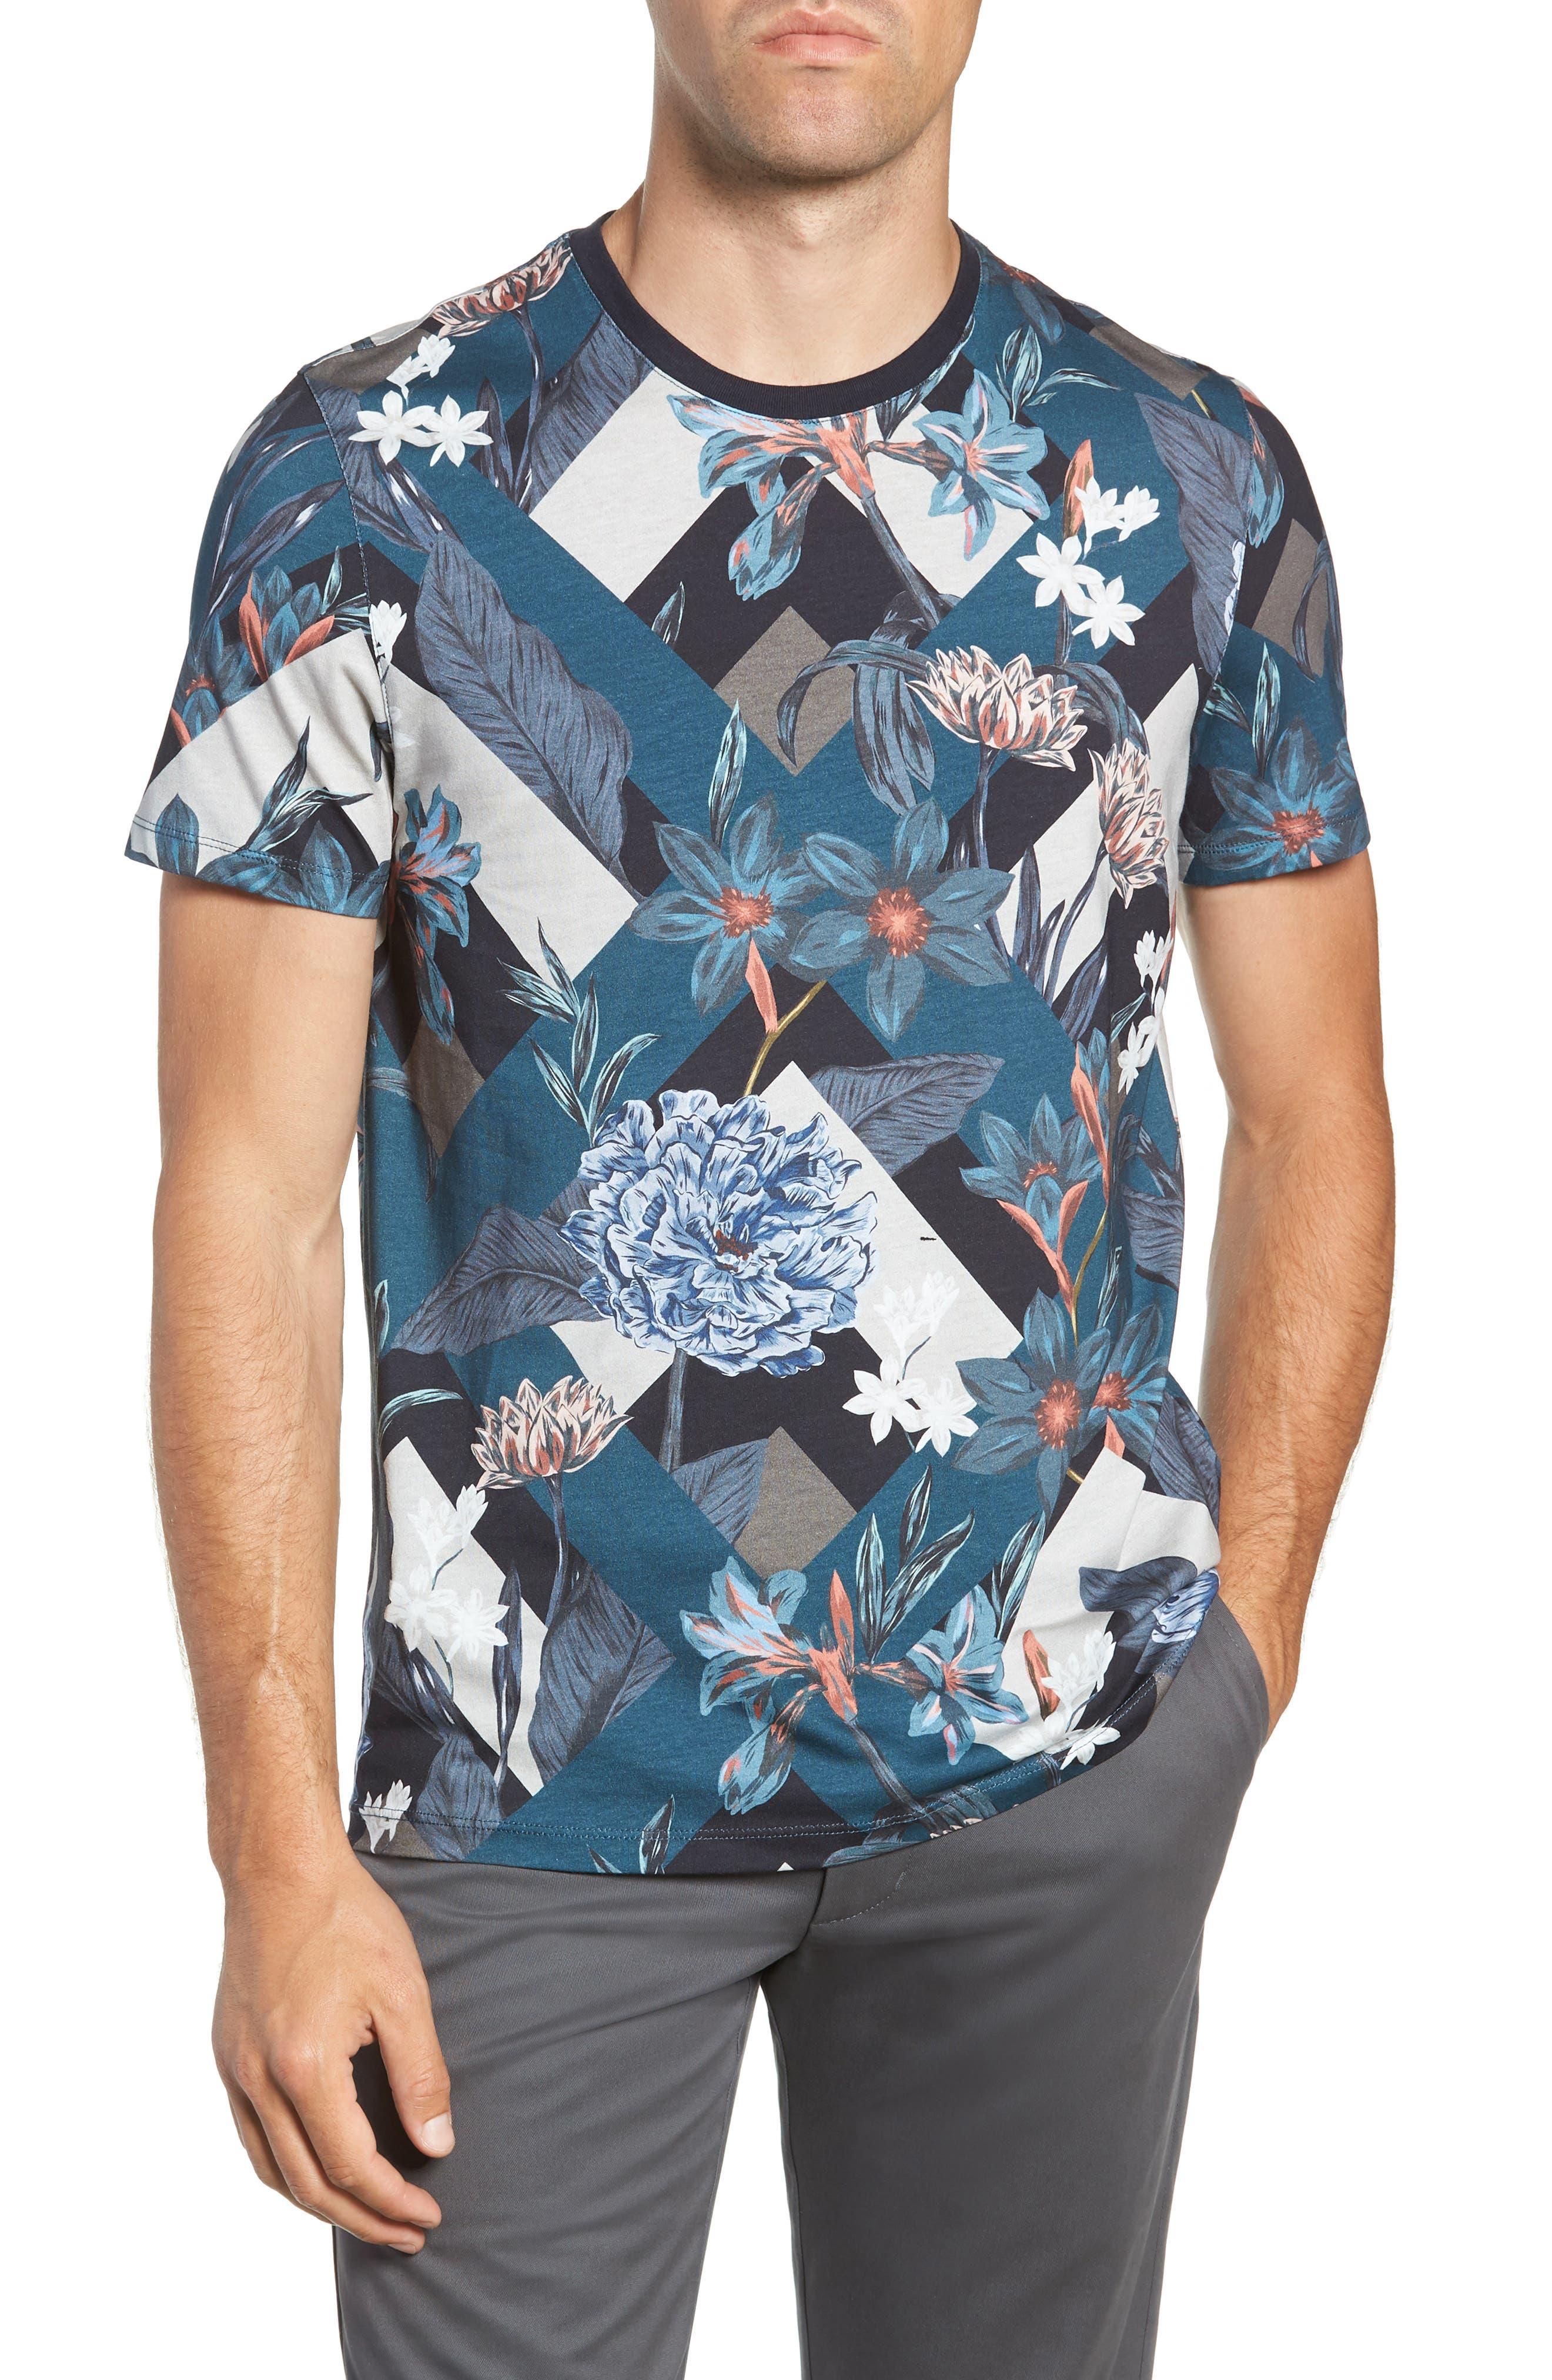 Jolly Slim Fit T-Shirt,                             Main thumbnail 1, color,                             NAVY